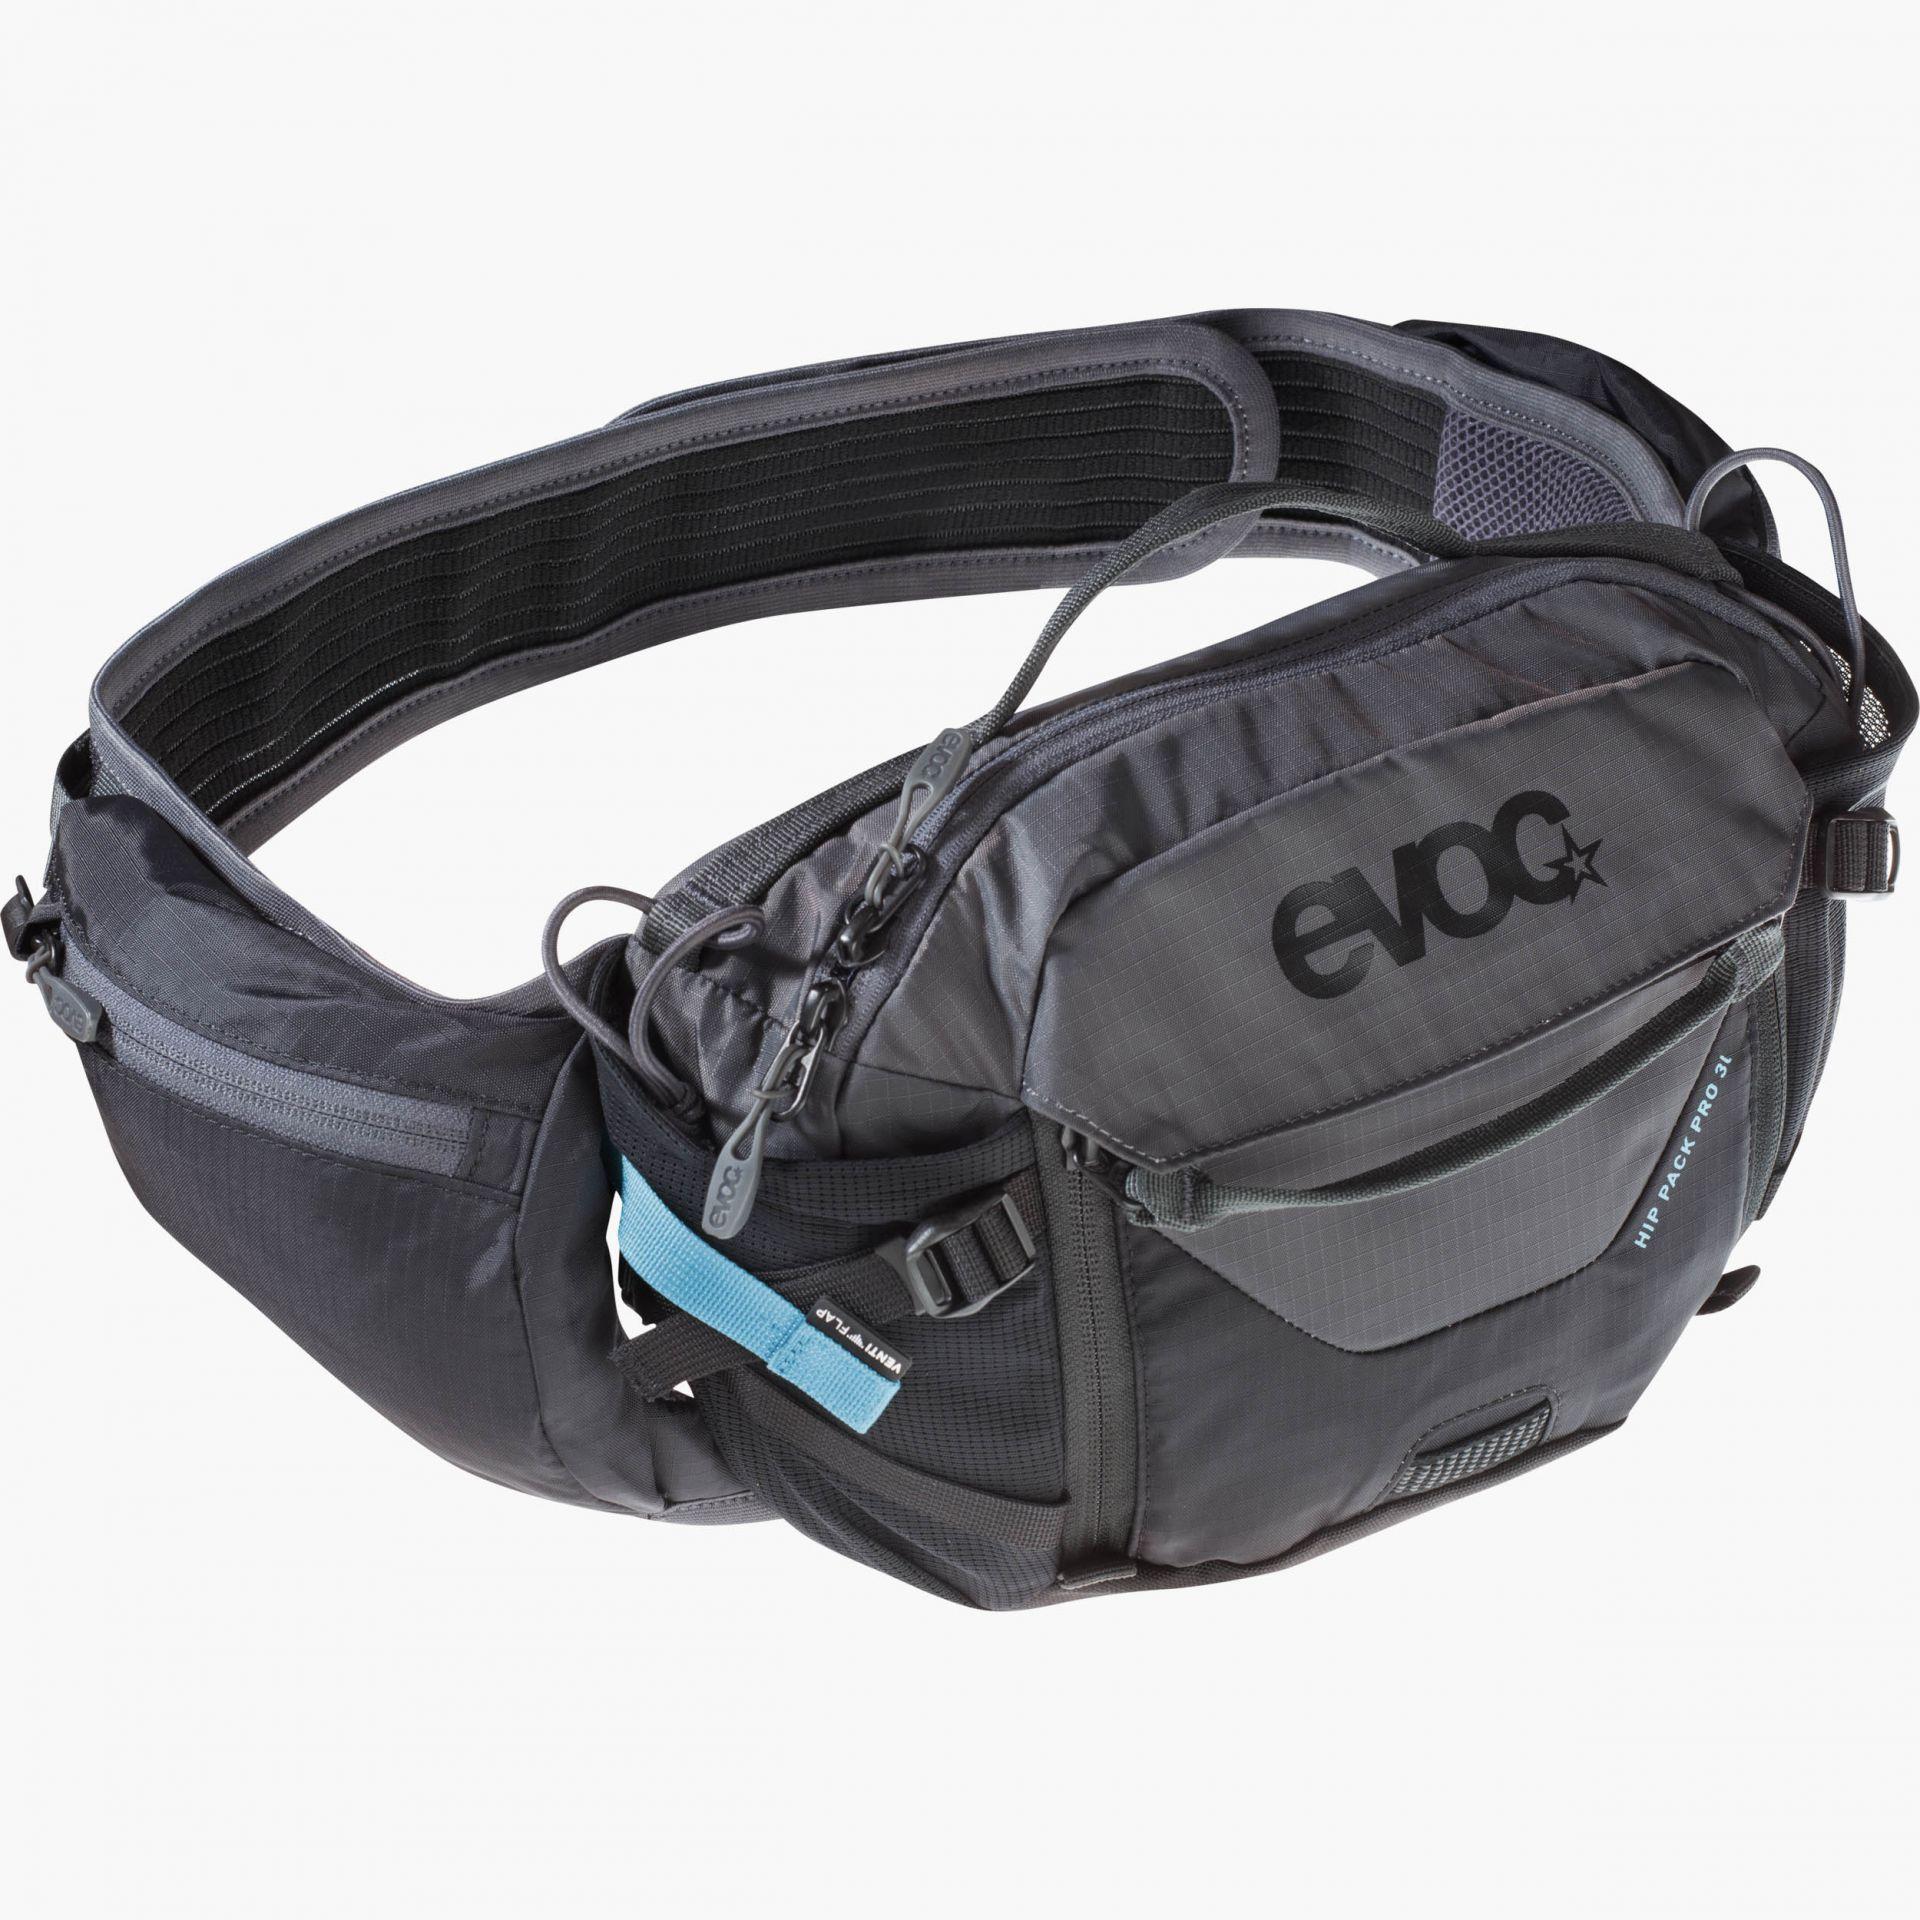 Evoc / Hip Pack Pro 3